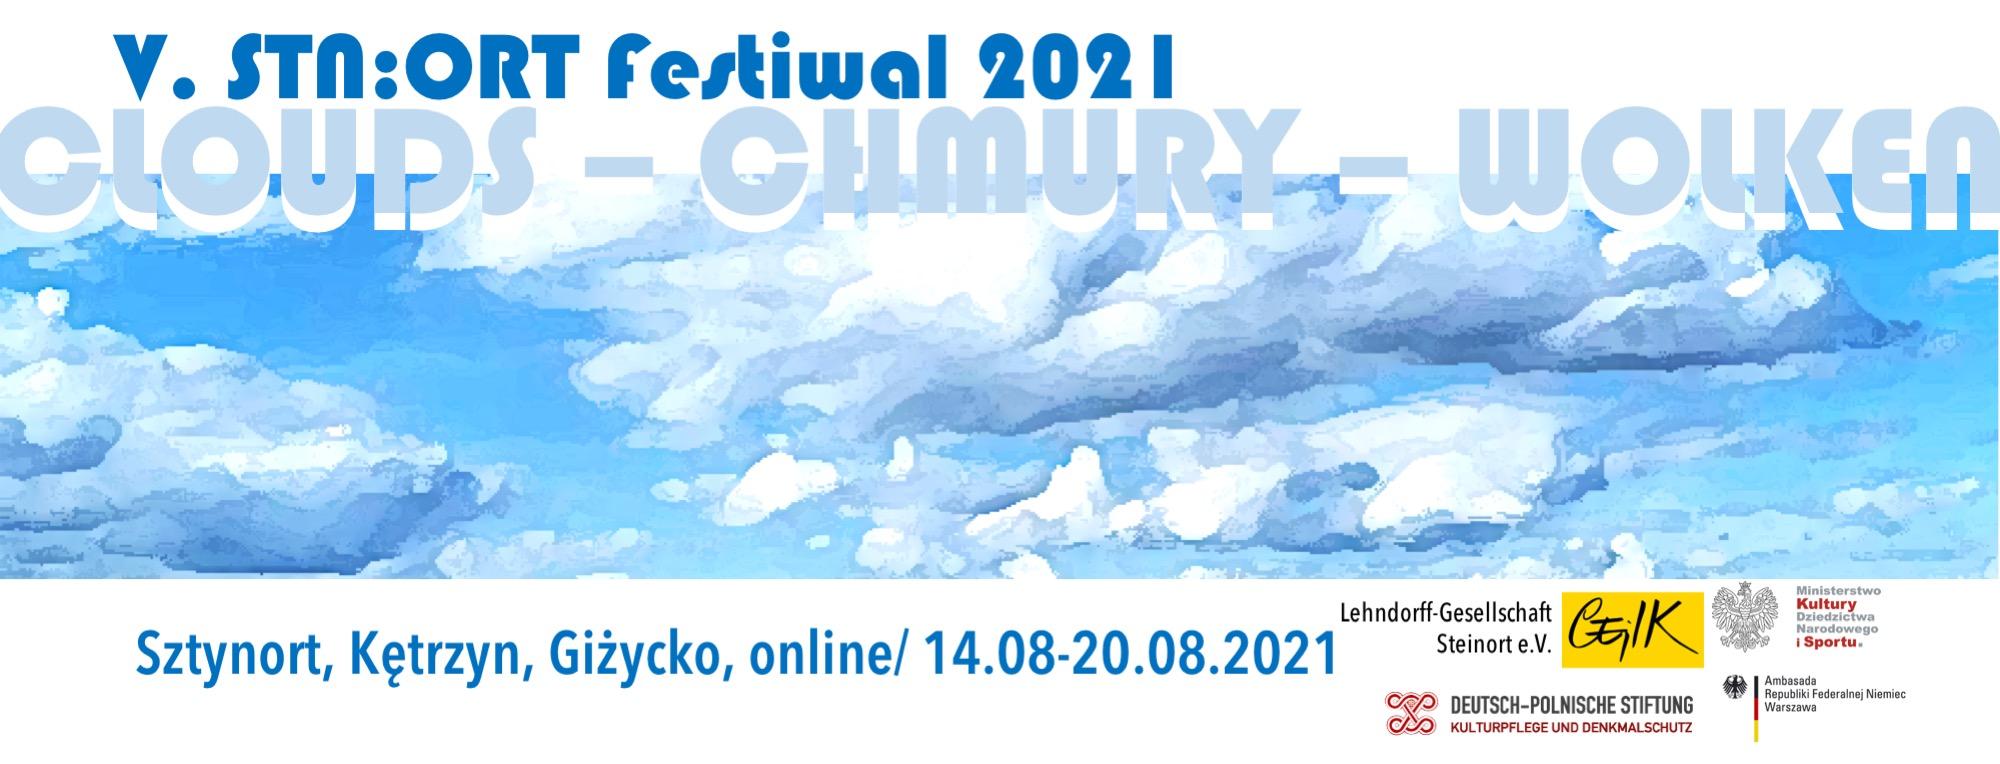 Fundacja Sztuka Wolności nafestiwalu STN:ORT Fest 2021